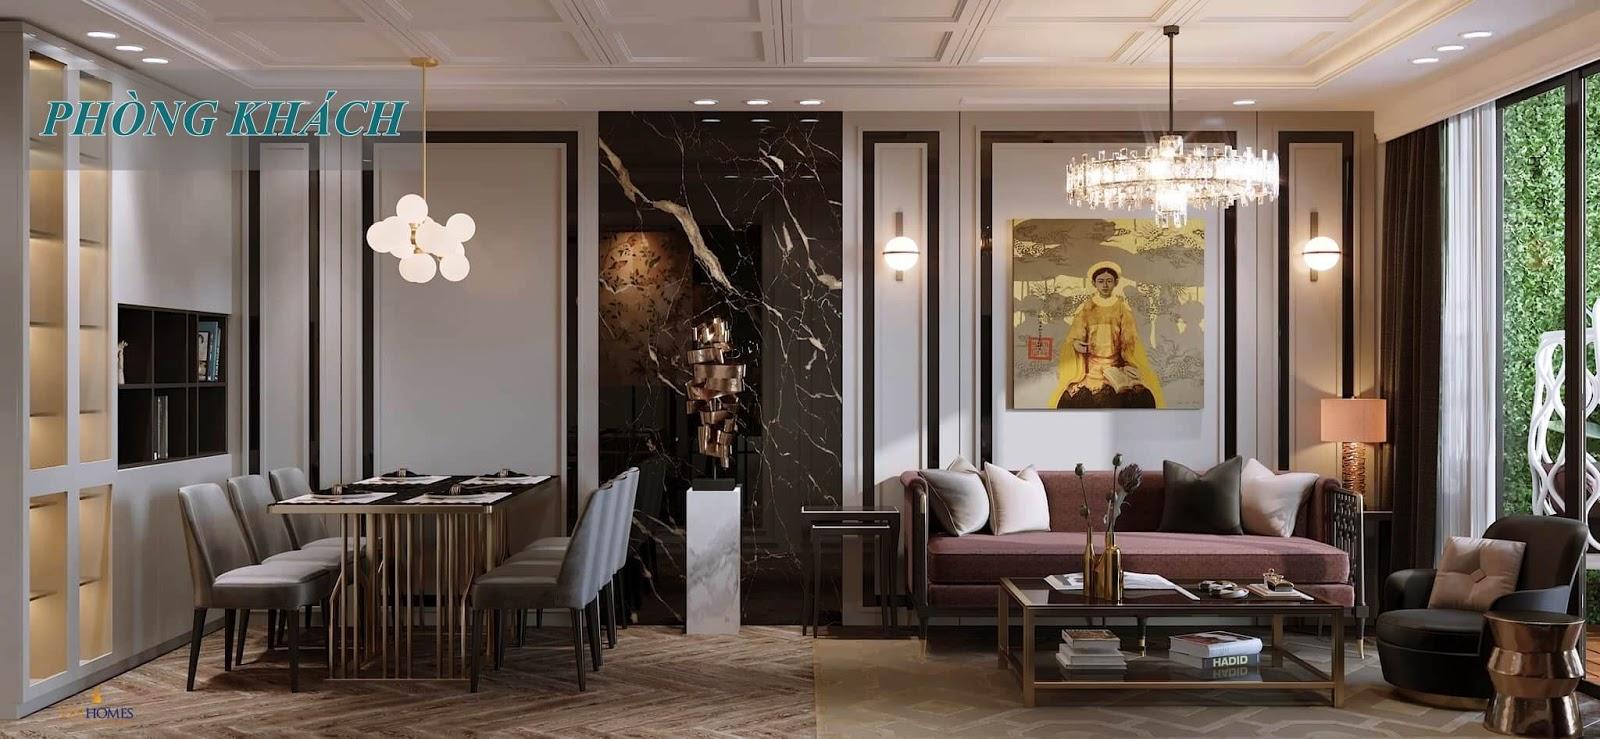 Phòng khách căn hộ mẫu Vinhomes Sportia